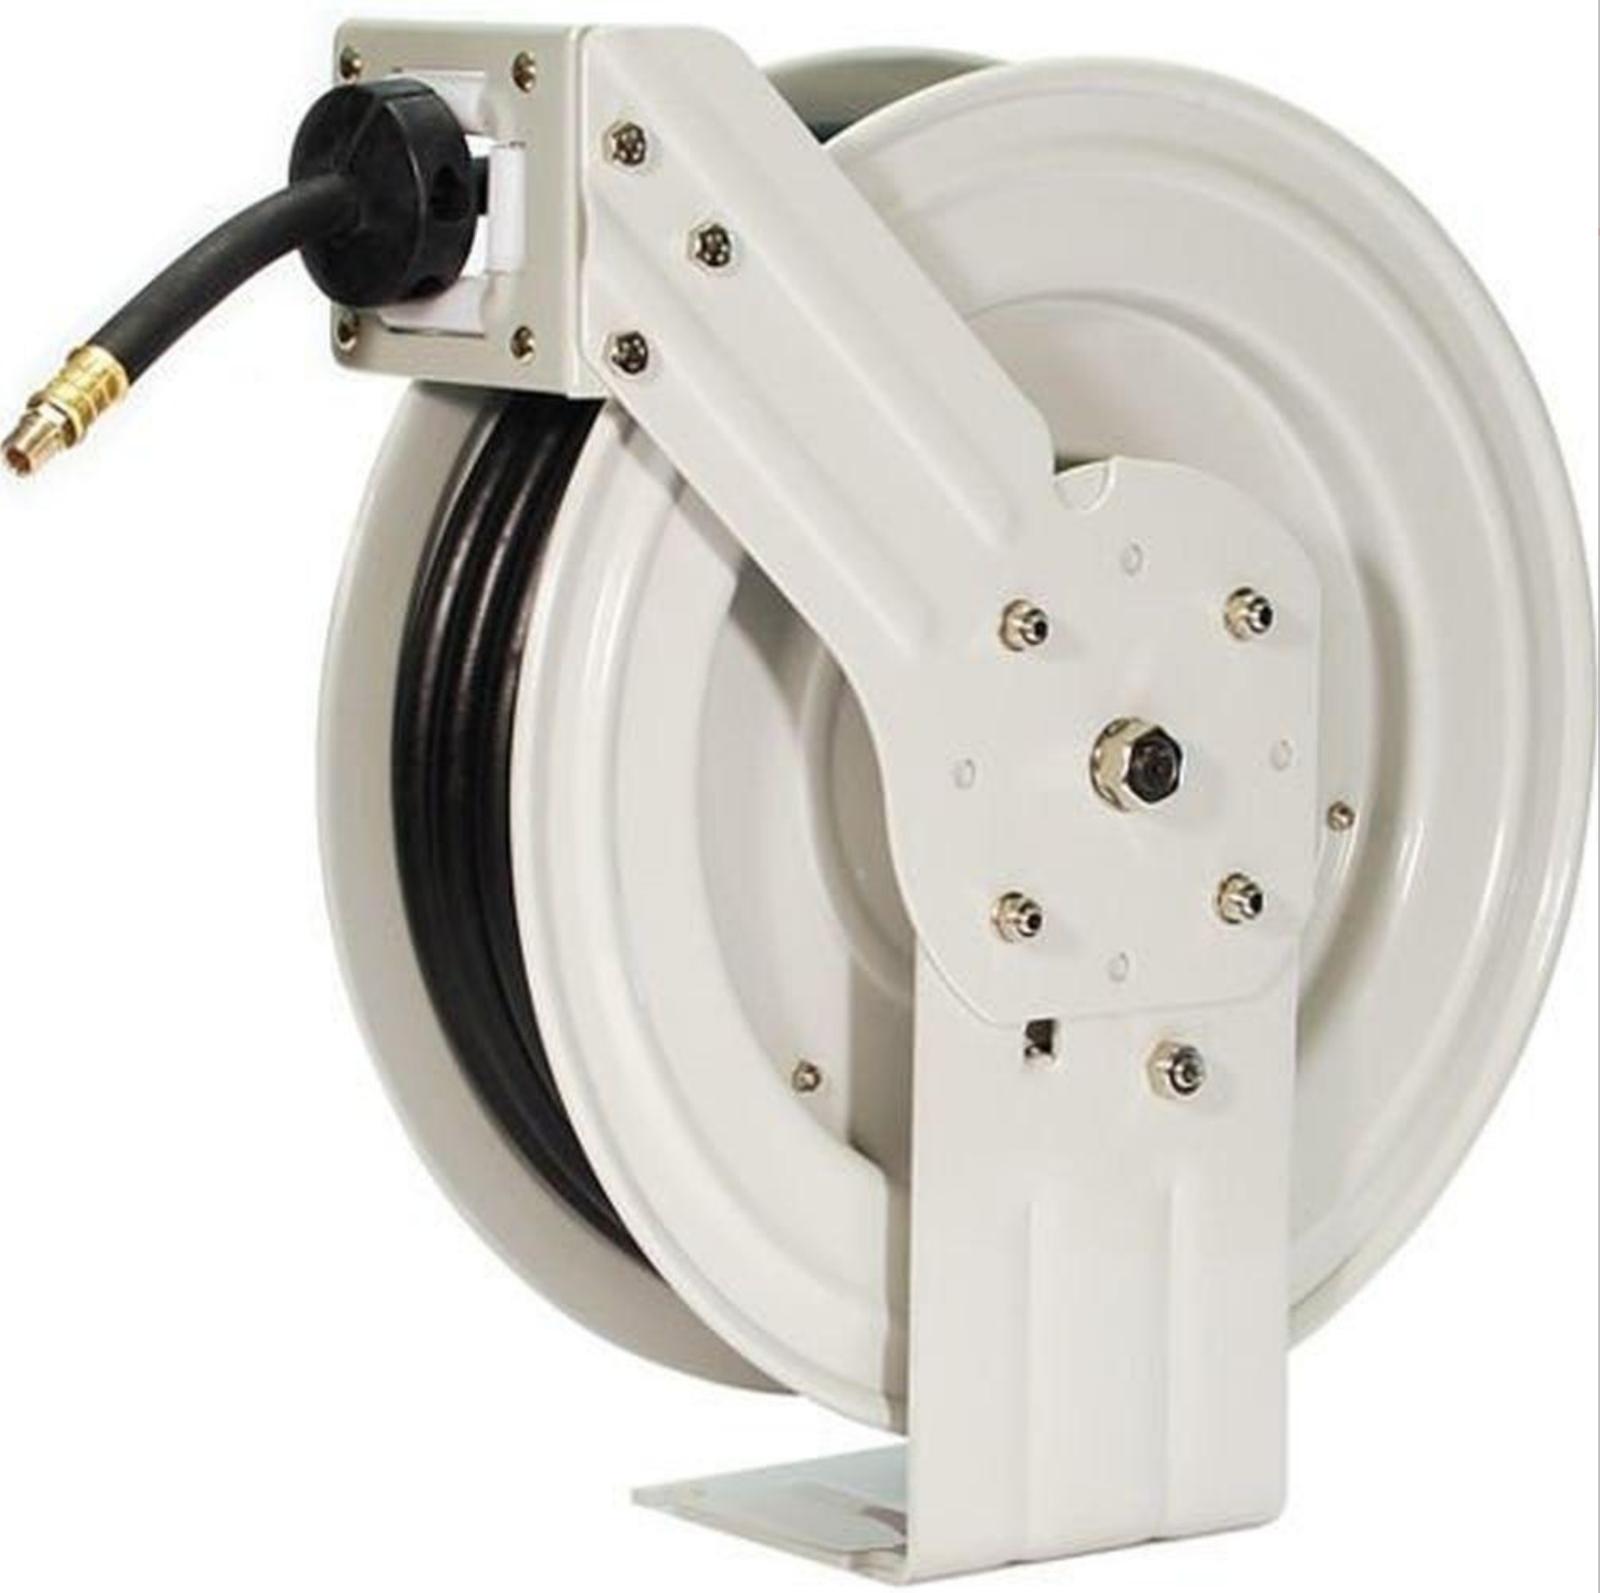 Retractable Air Hose Reel Industrial Grade Auto Rewind Pneumatic Garage Tool 50'